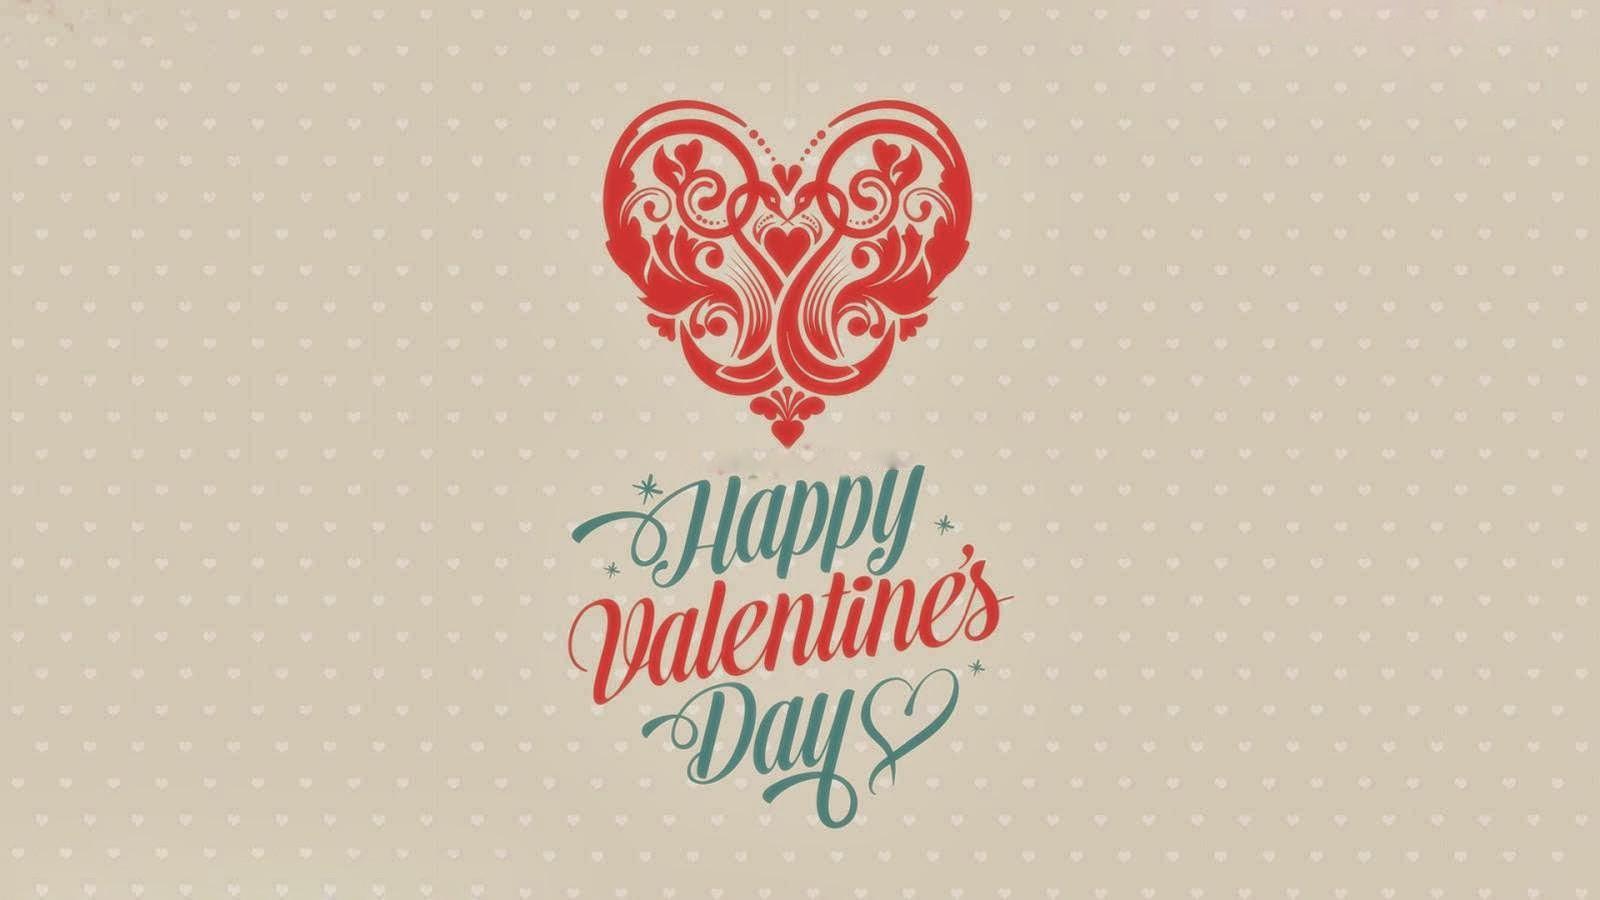 happy valentine's day background wallpaper